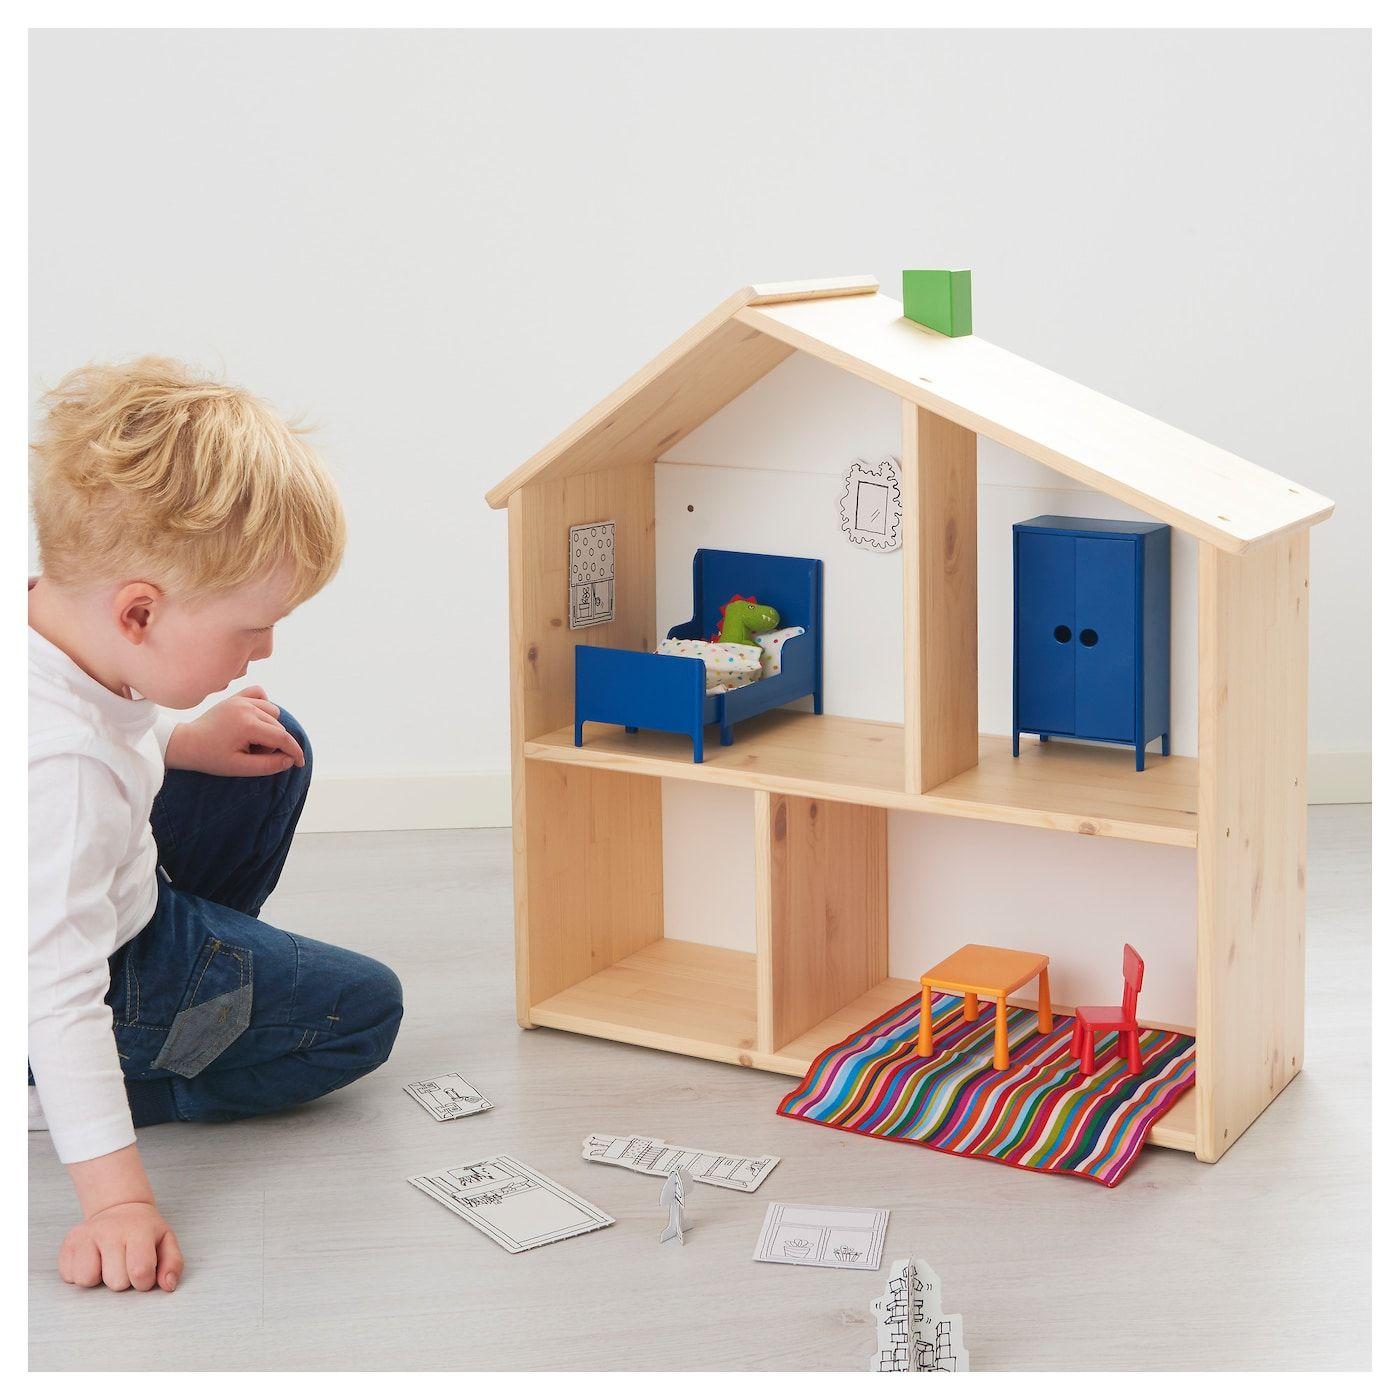 Huset Puppenmobel Schlafzimmer Ikea Deutschland In 2020 Doll Furniture Kids Bedroom Furniture Diy Furniture Bedroom